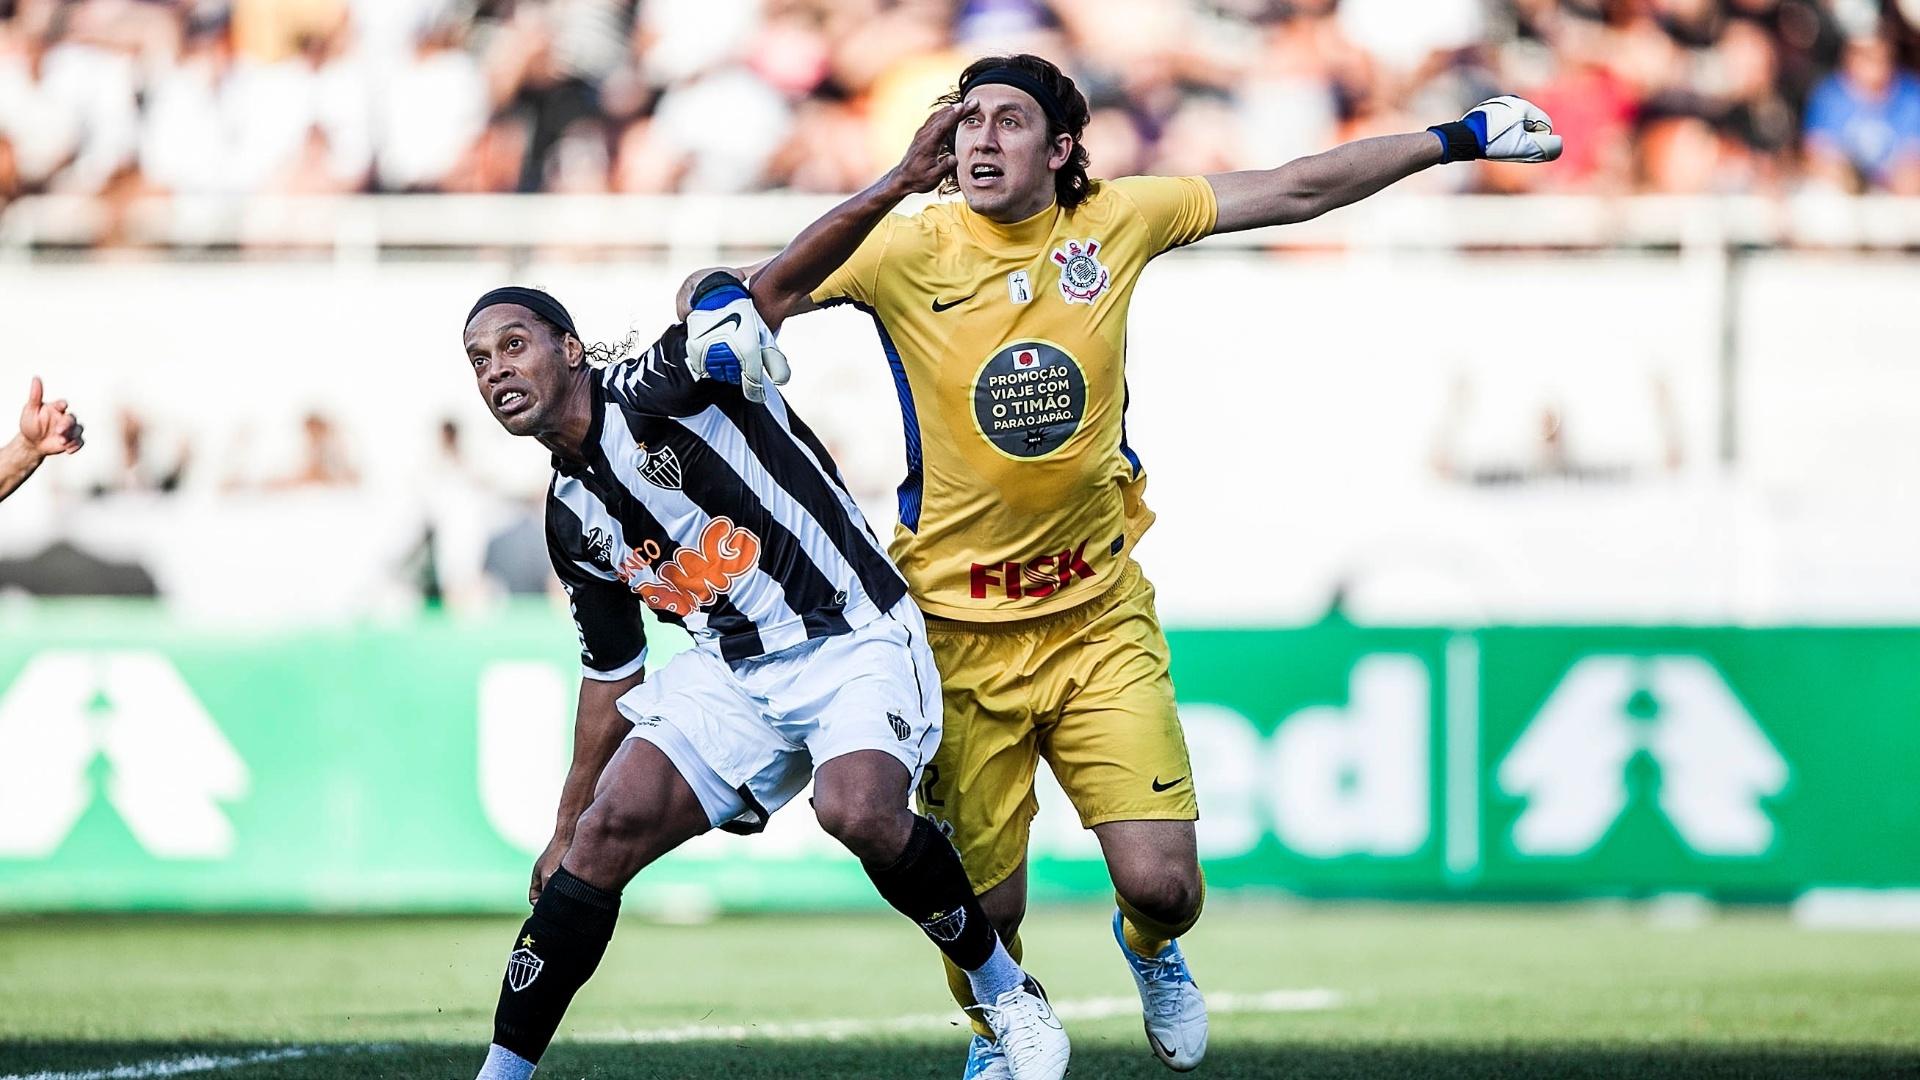 Cássio e Ronaldinho Gaúcho disputam a bola na partida entre Corinthians e Atlético-MG